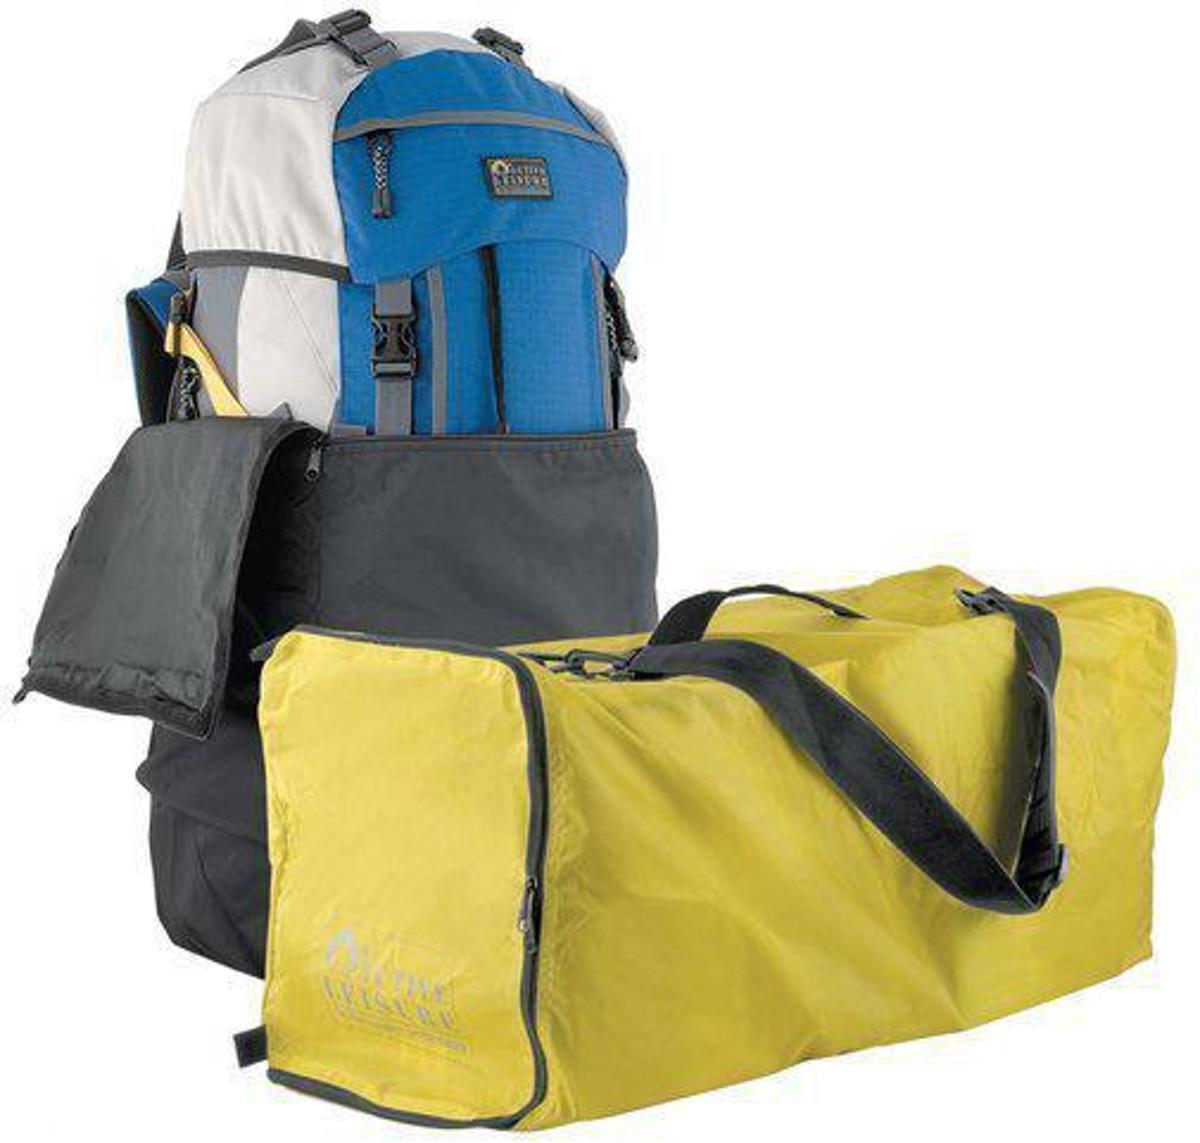 Flightbag voor backpack - tot 55 liter - Geel kopen